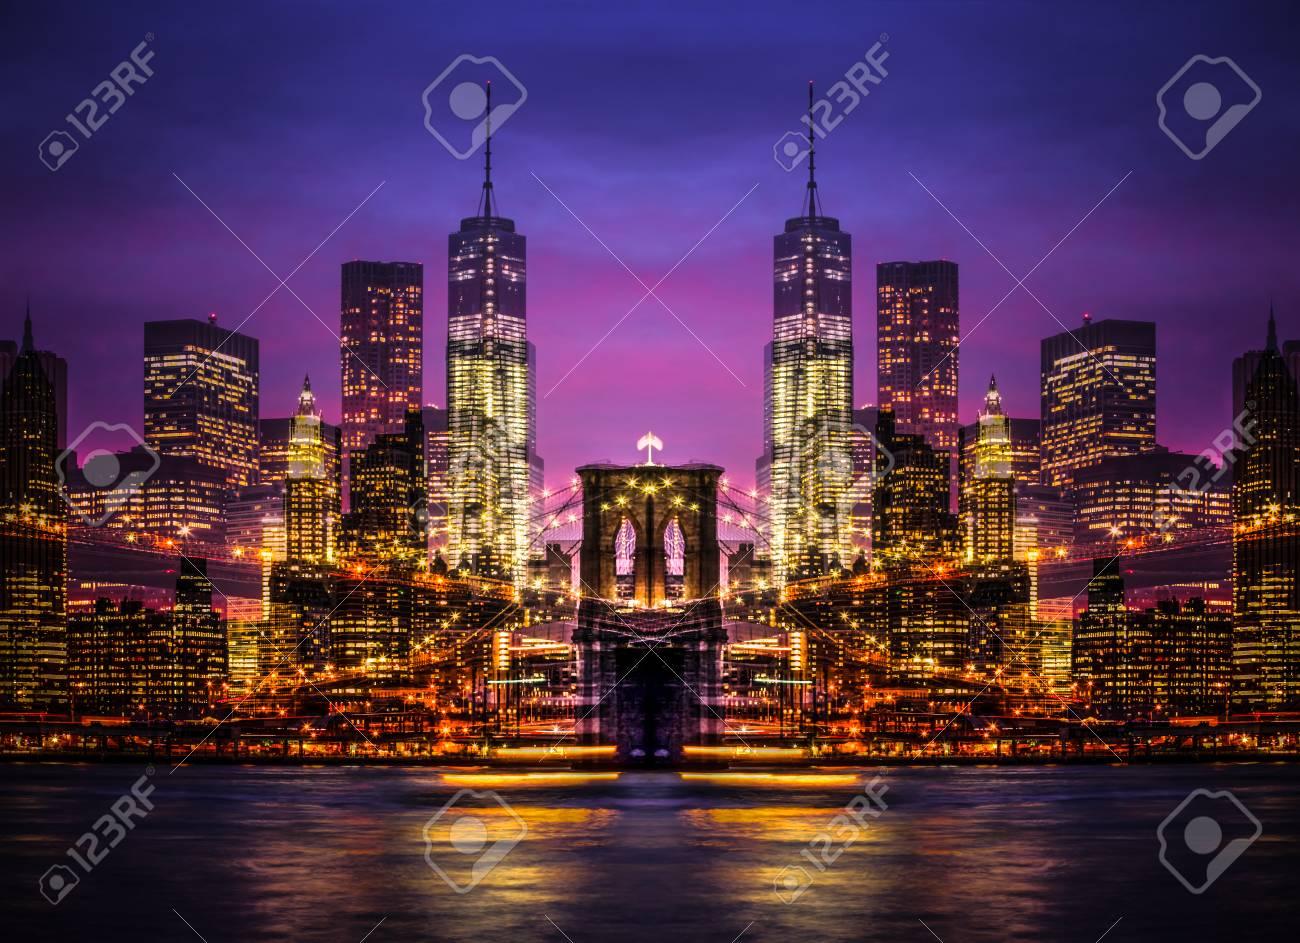 Immagini Stock - Immagine Simmetrica Astratta Di New York. Doppia ...